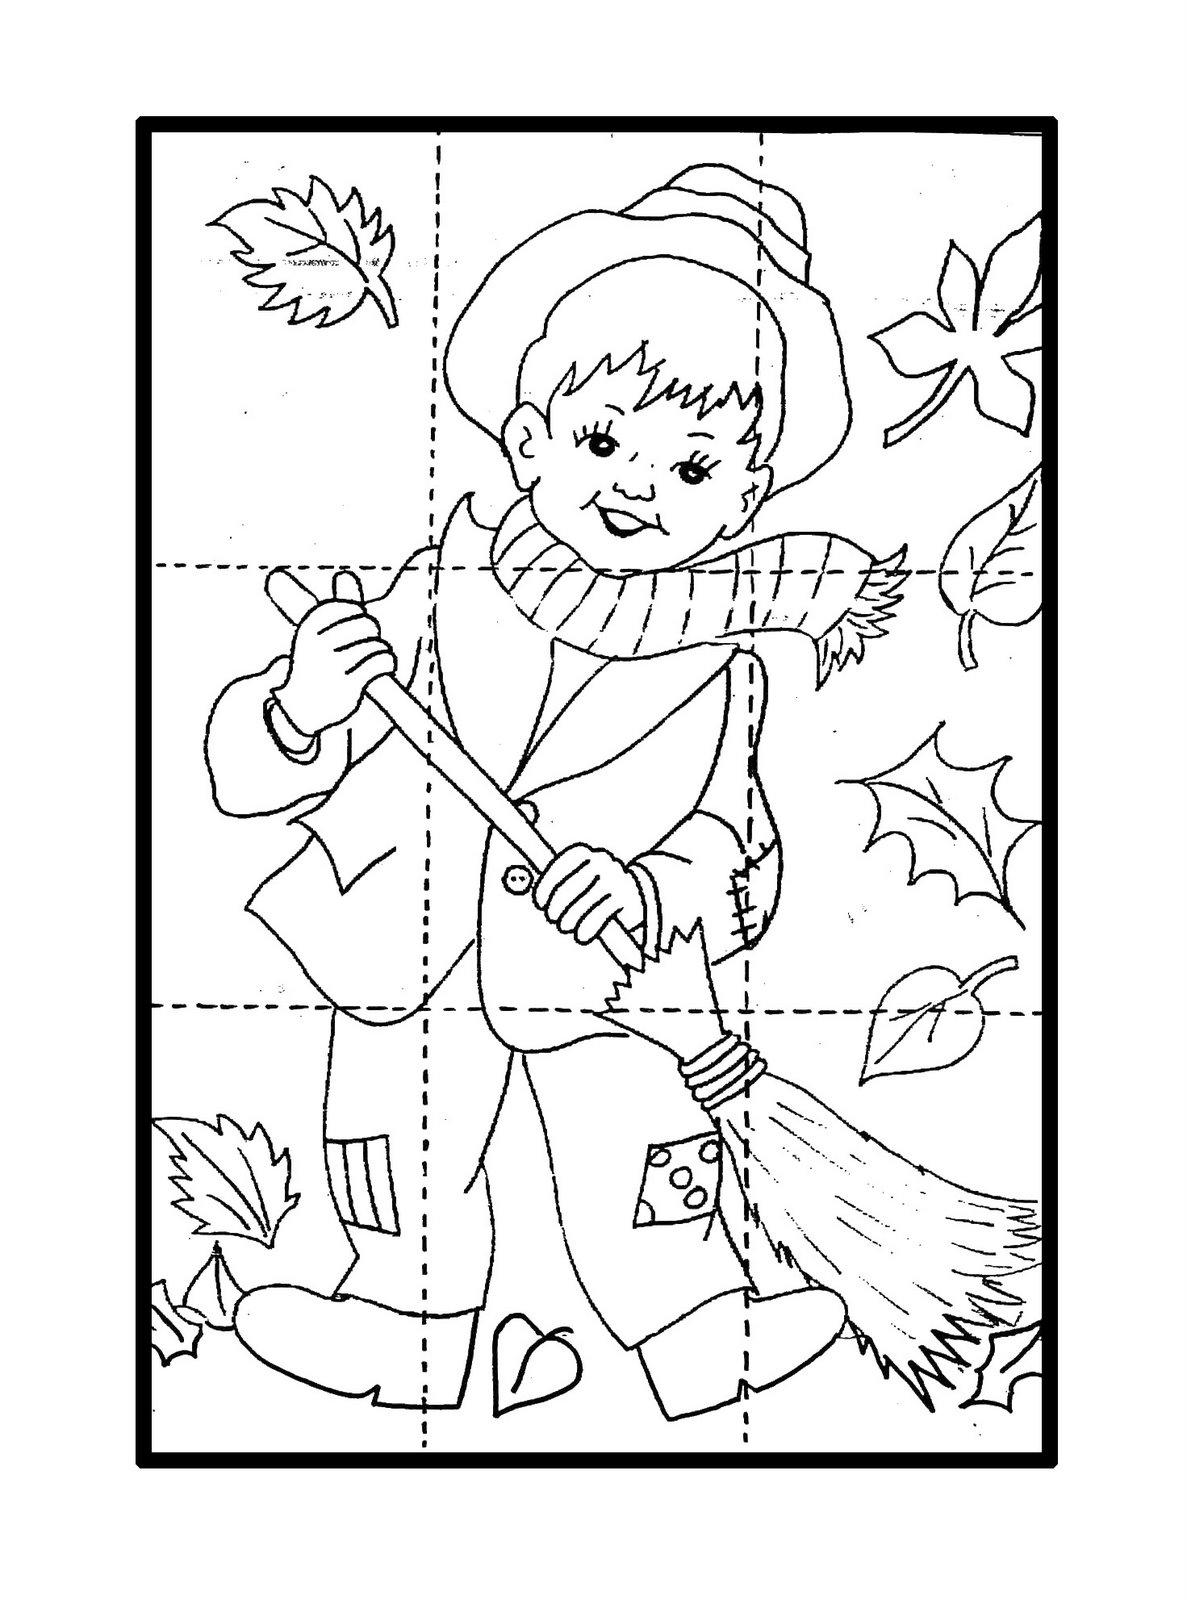 Dibujos para colorear en oto o - Dibujos para pintar en tejas ...